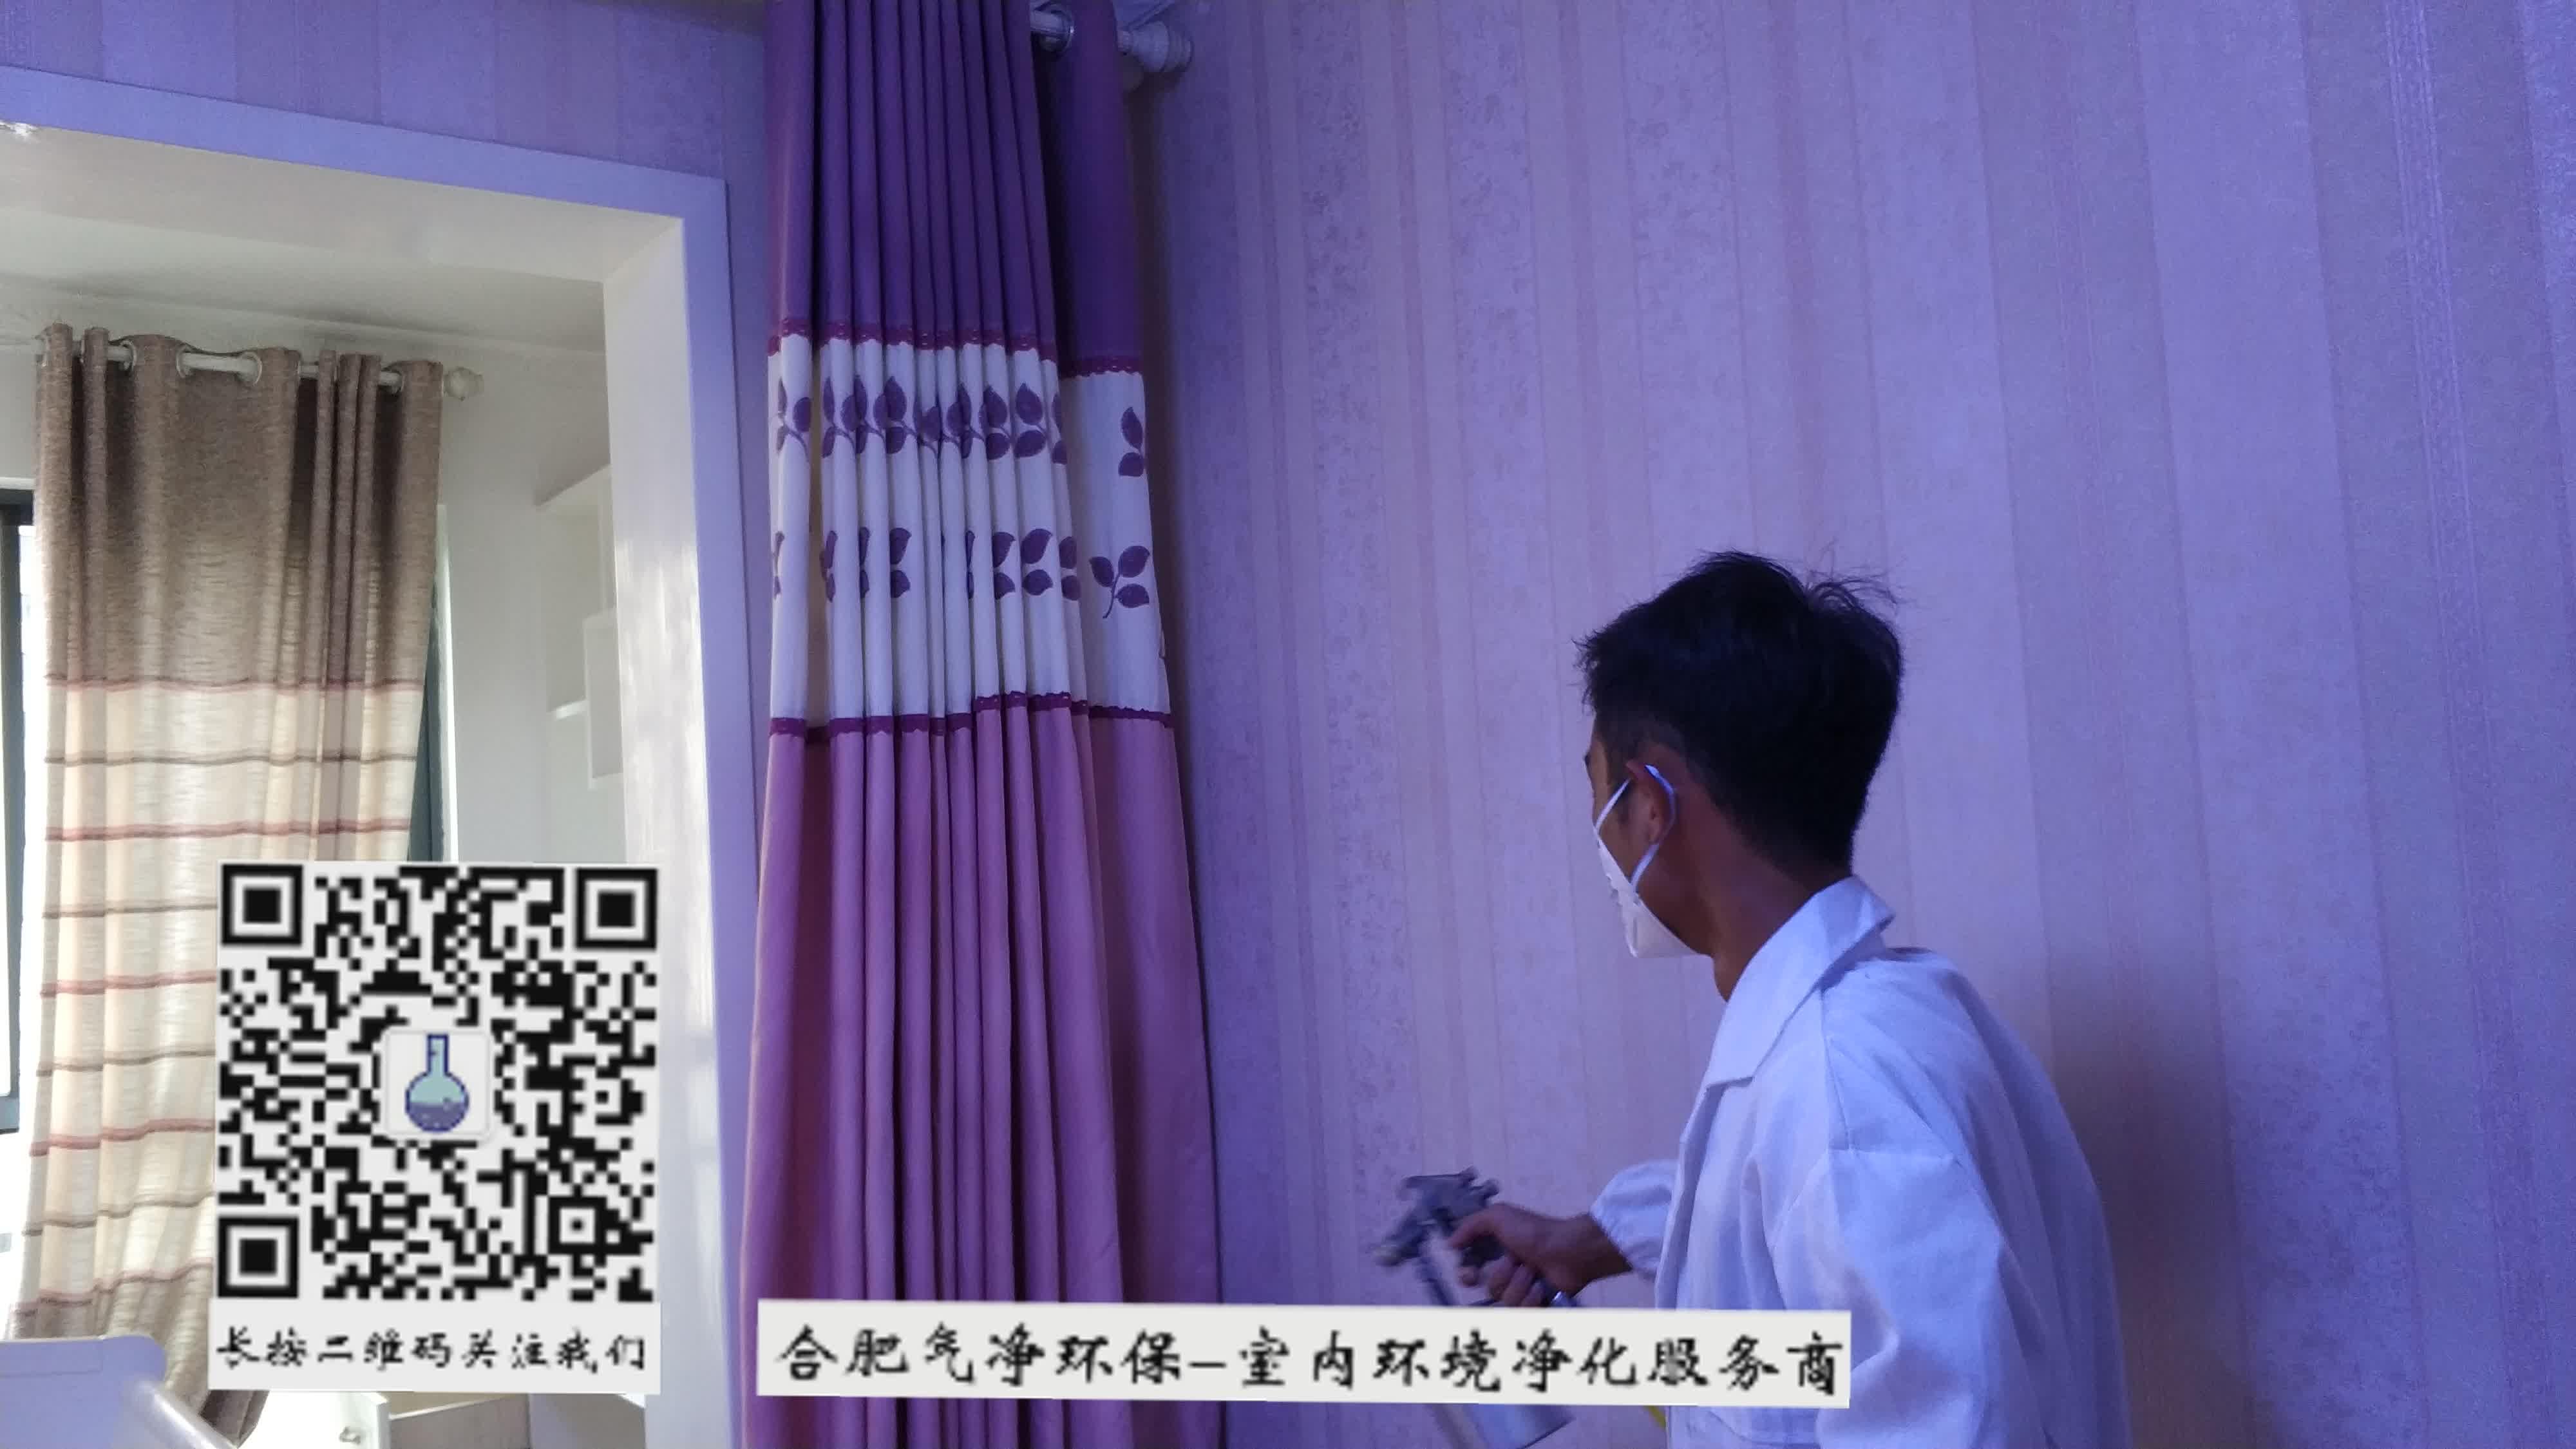 水印图片by水印王_20180801-18634907